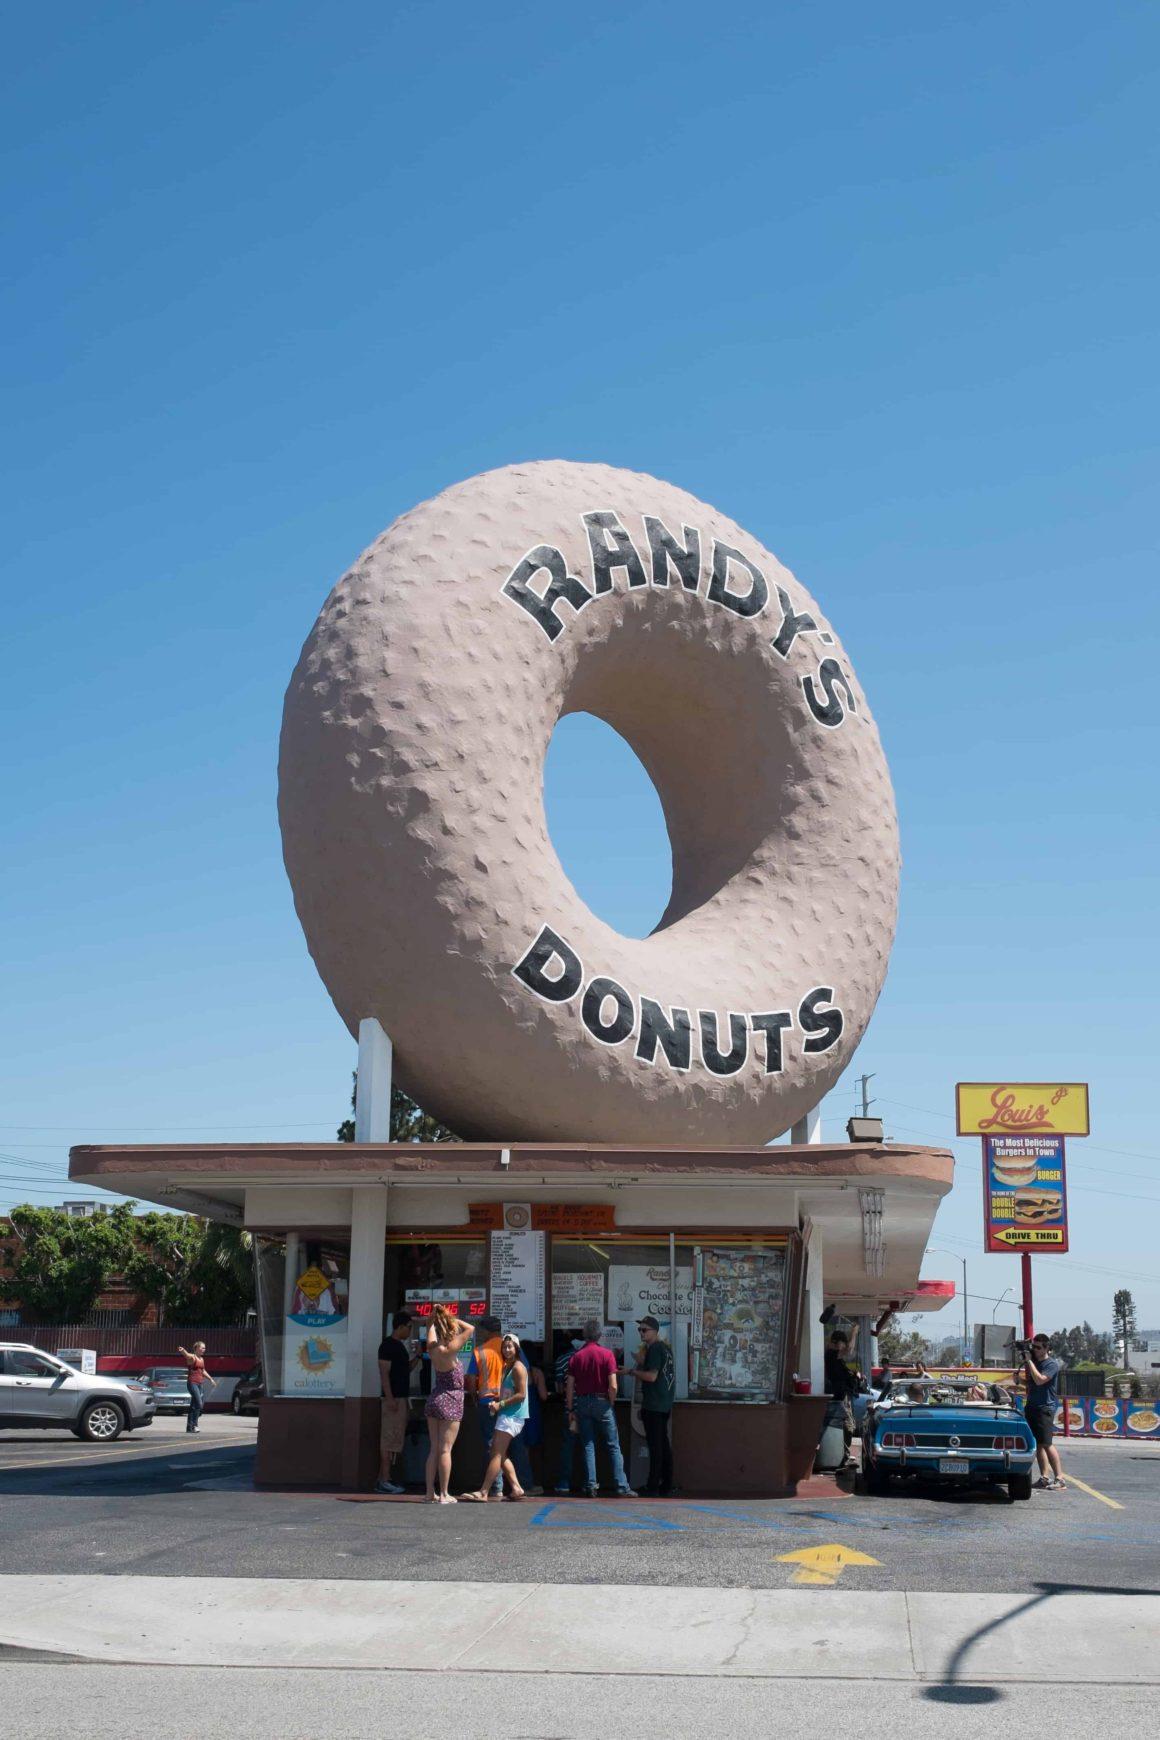 Week No. 5   Randy's Donuts